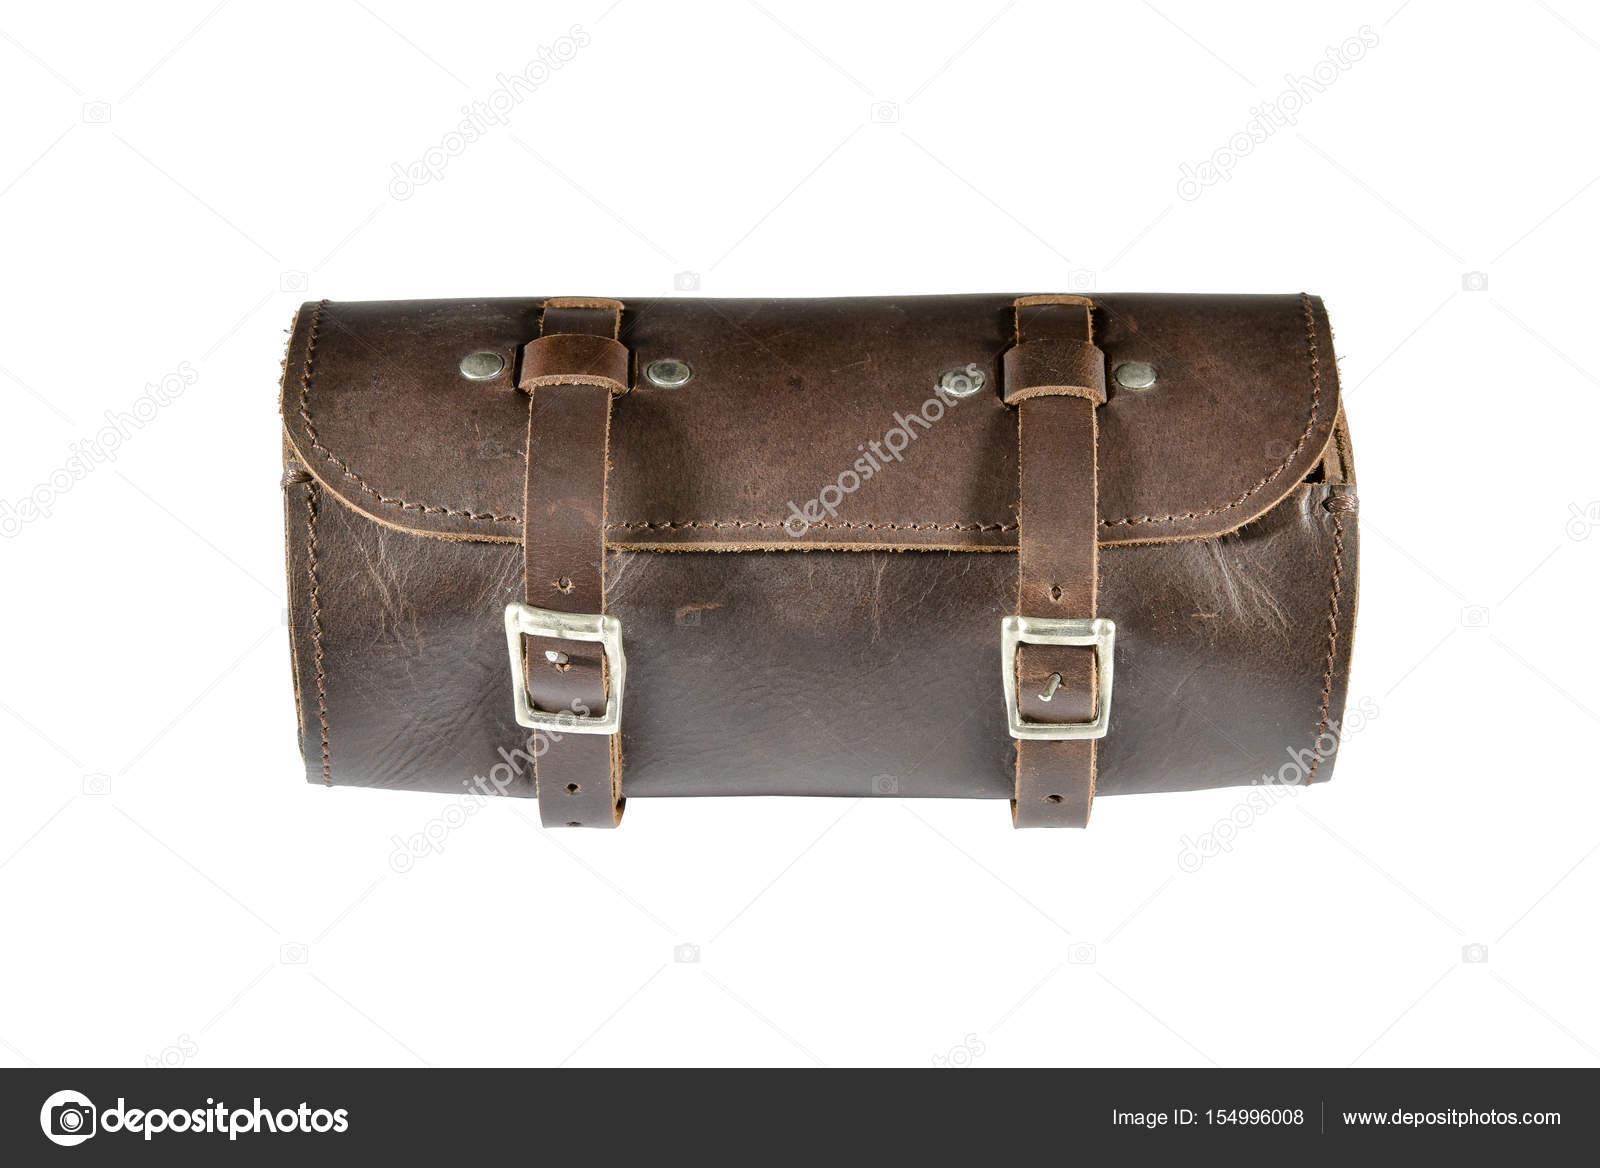 97268687055 Redonda de cuero vintage herramienta bolsa con aisladas sobre fondo blanco,  maletas o equipaje para bicicletas y motocicletas — Foto de jiggo_thekop